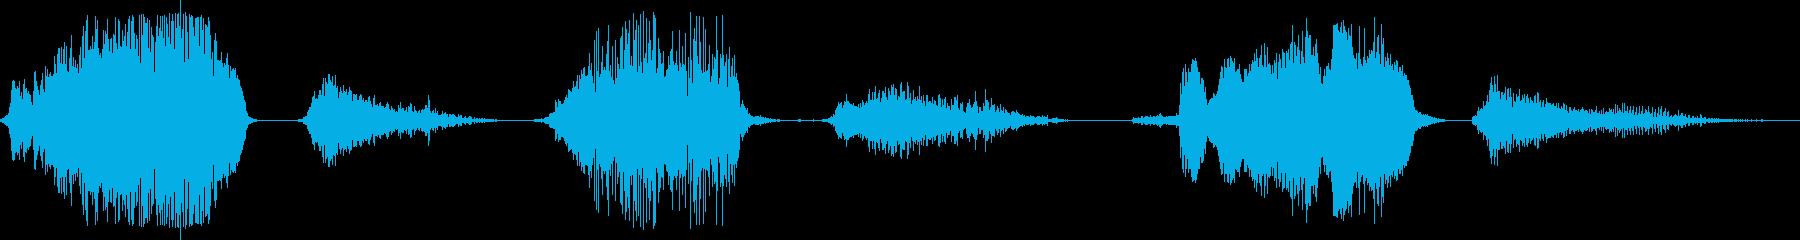 男のいびき(口を閉じた状態)の再生済みの波形